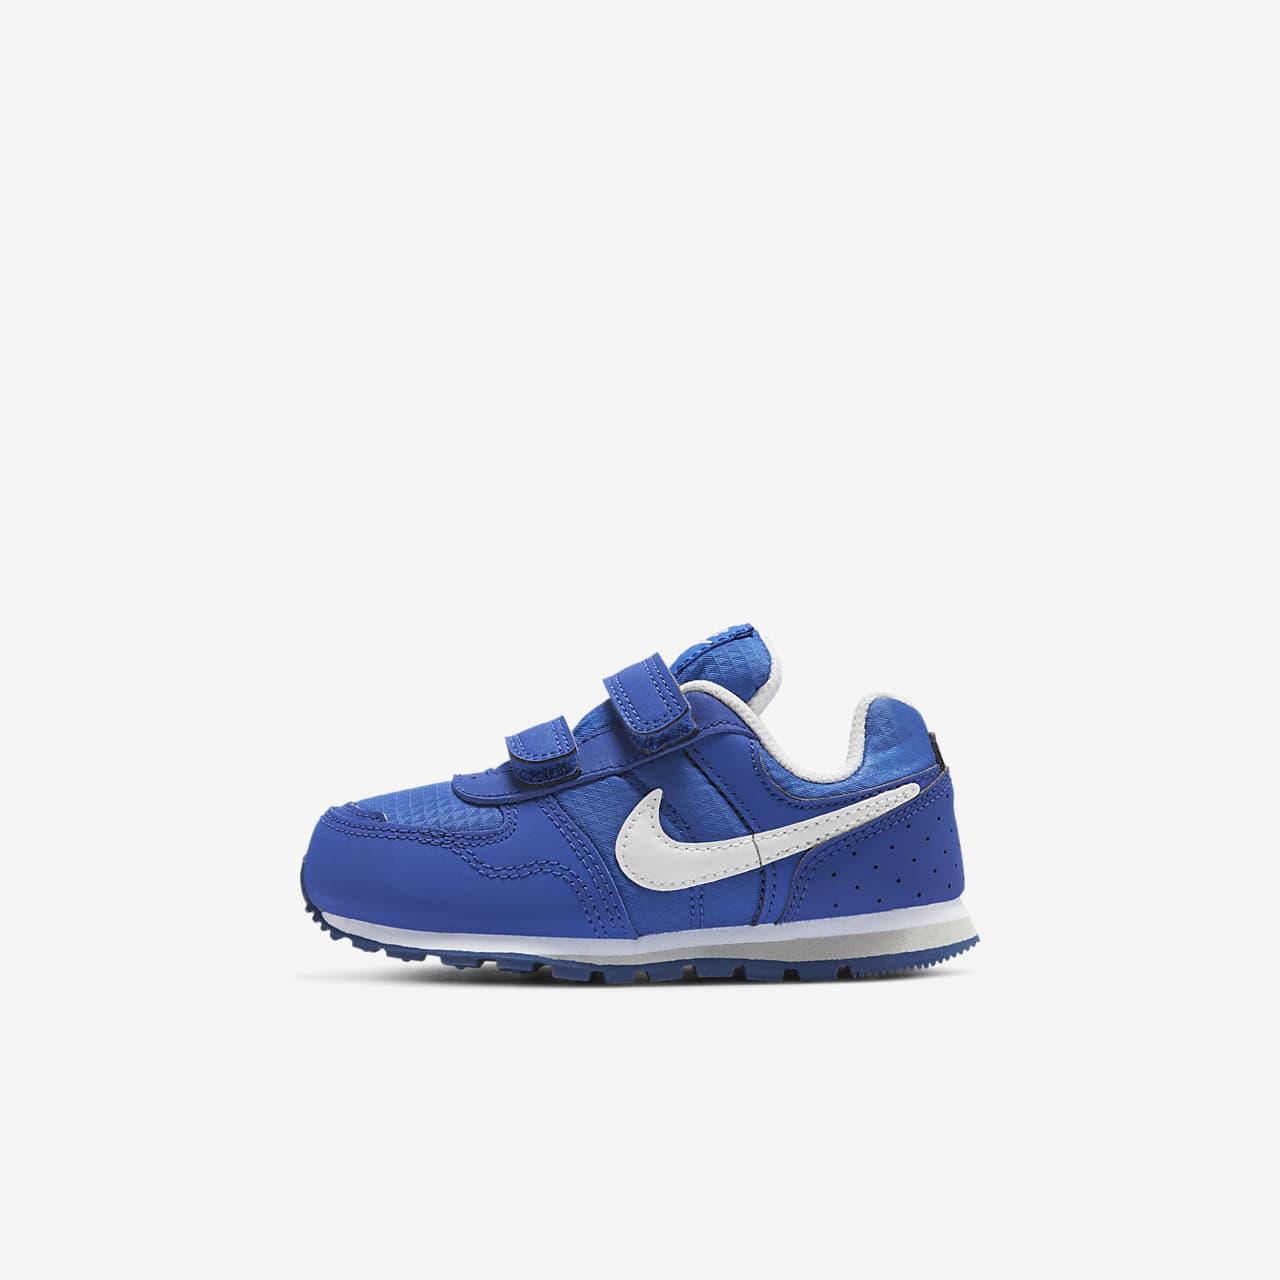 322cfa8d75c6 Nike MD Runner Infant Toddler Boys  Shoe. Nike.com GB